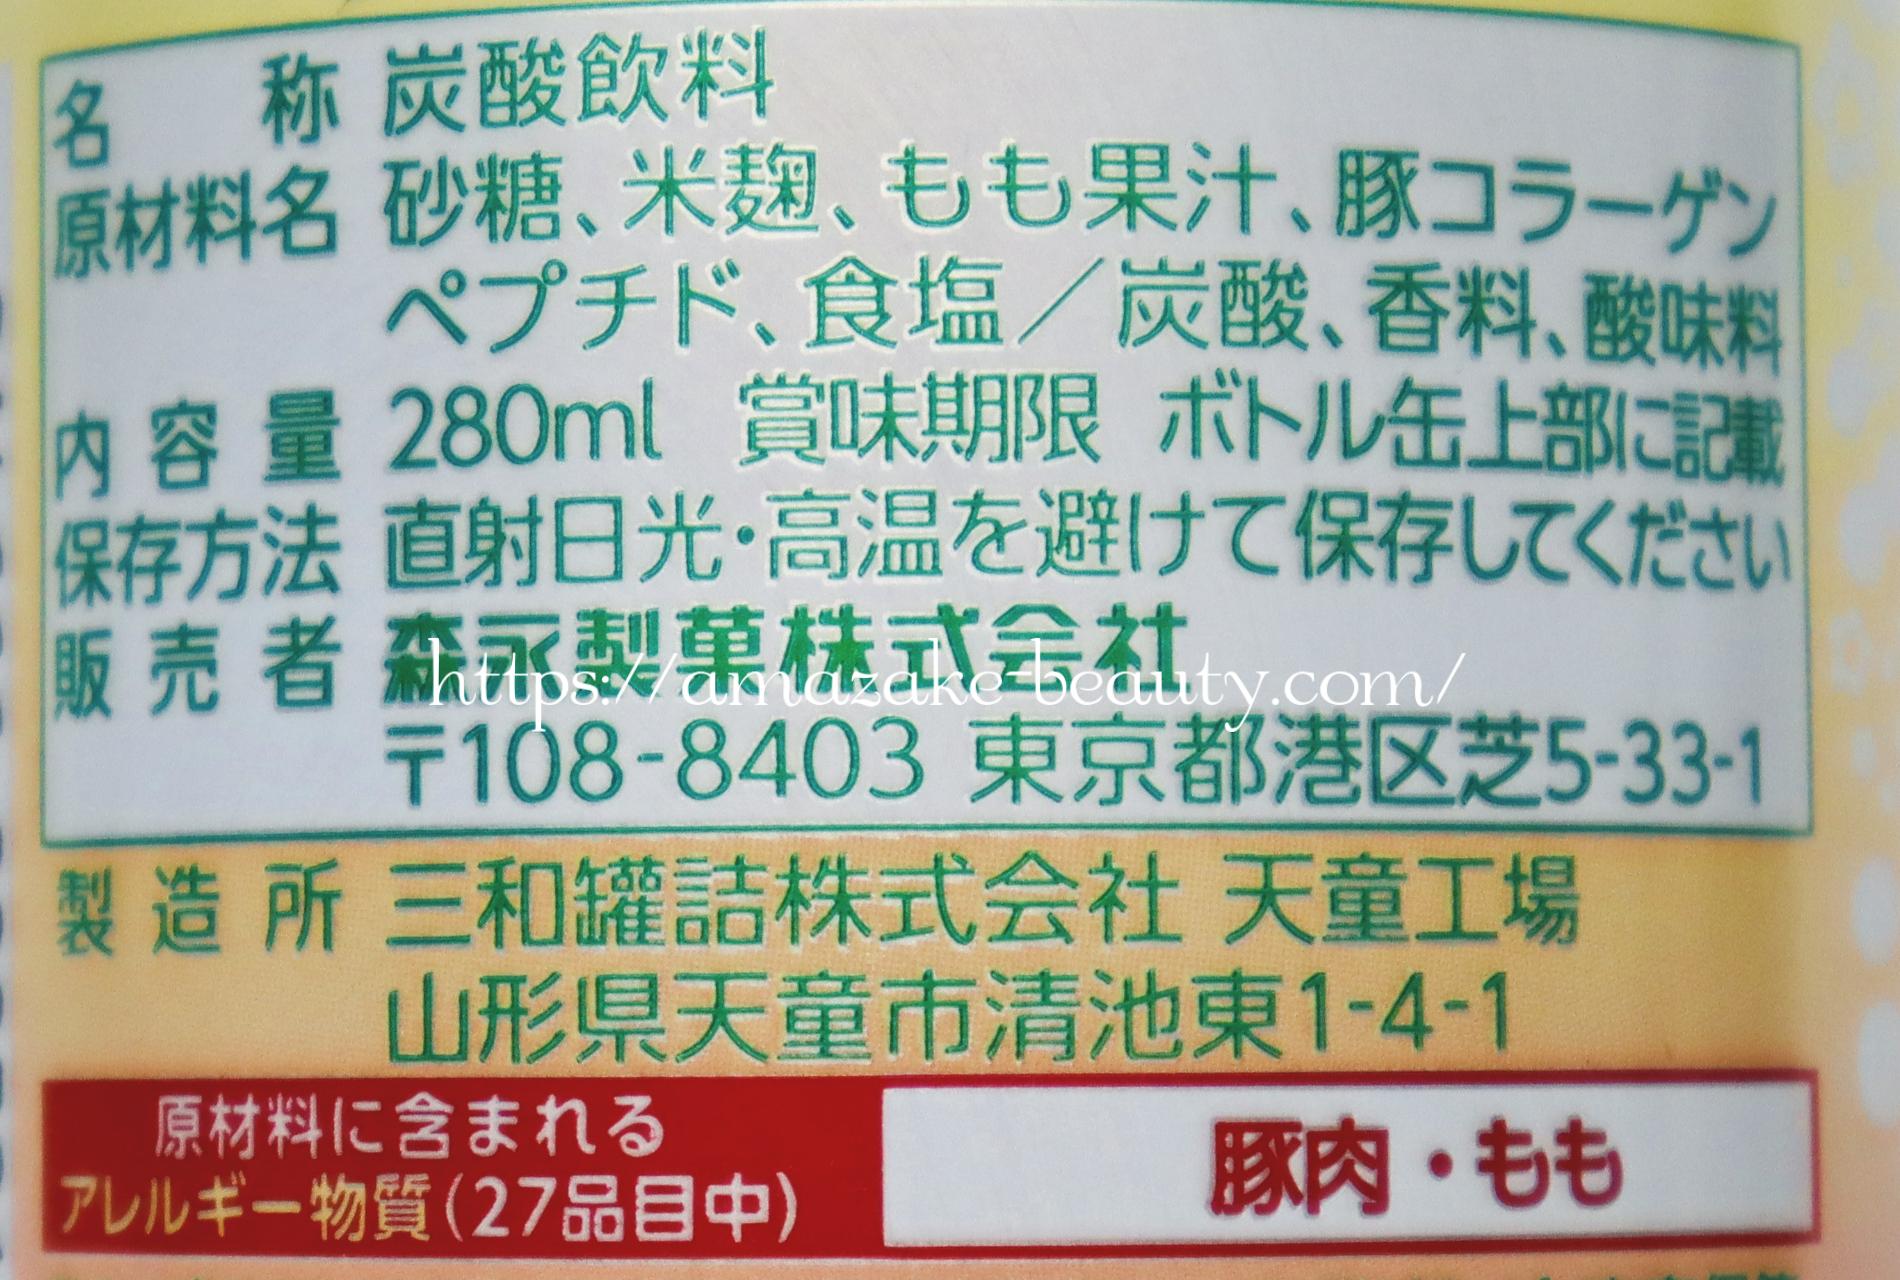 [amazake]morinaga seika[komekoji amazake supakuringu[pichi]](product description)